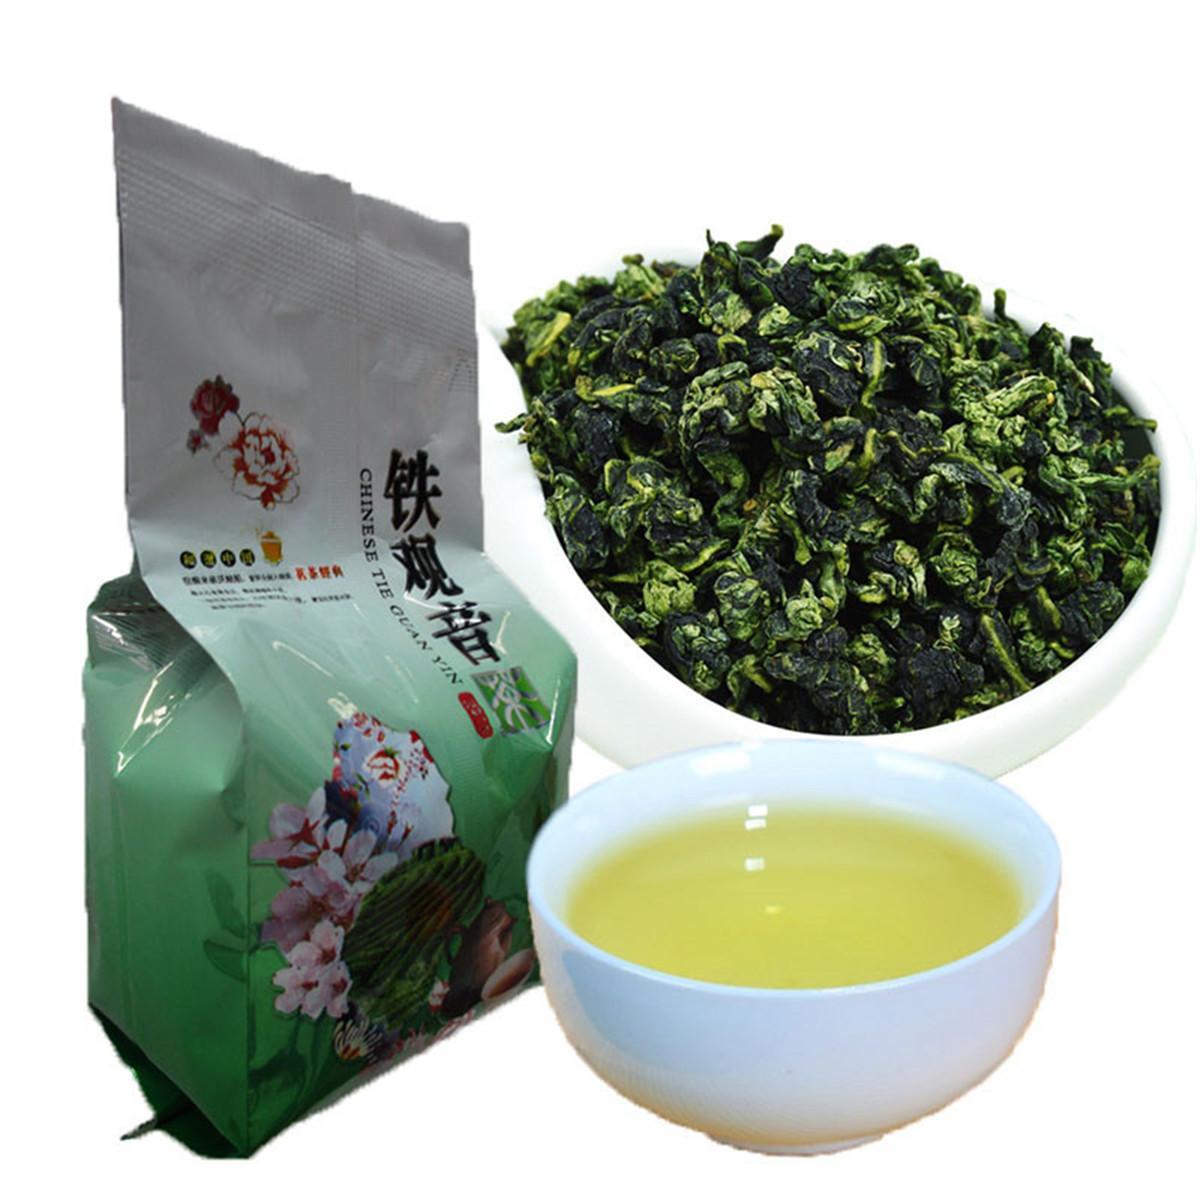 50 г Китайский органический зеленый чай Фуцзянь Аньси Tieguanyin улун чай высокого качества новый весенний чай зеленый пищевой продвижение